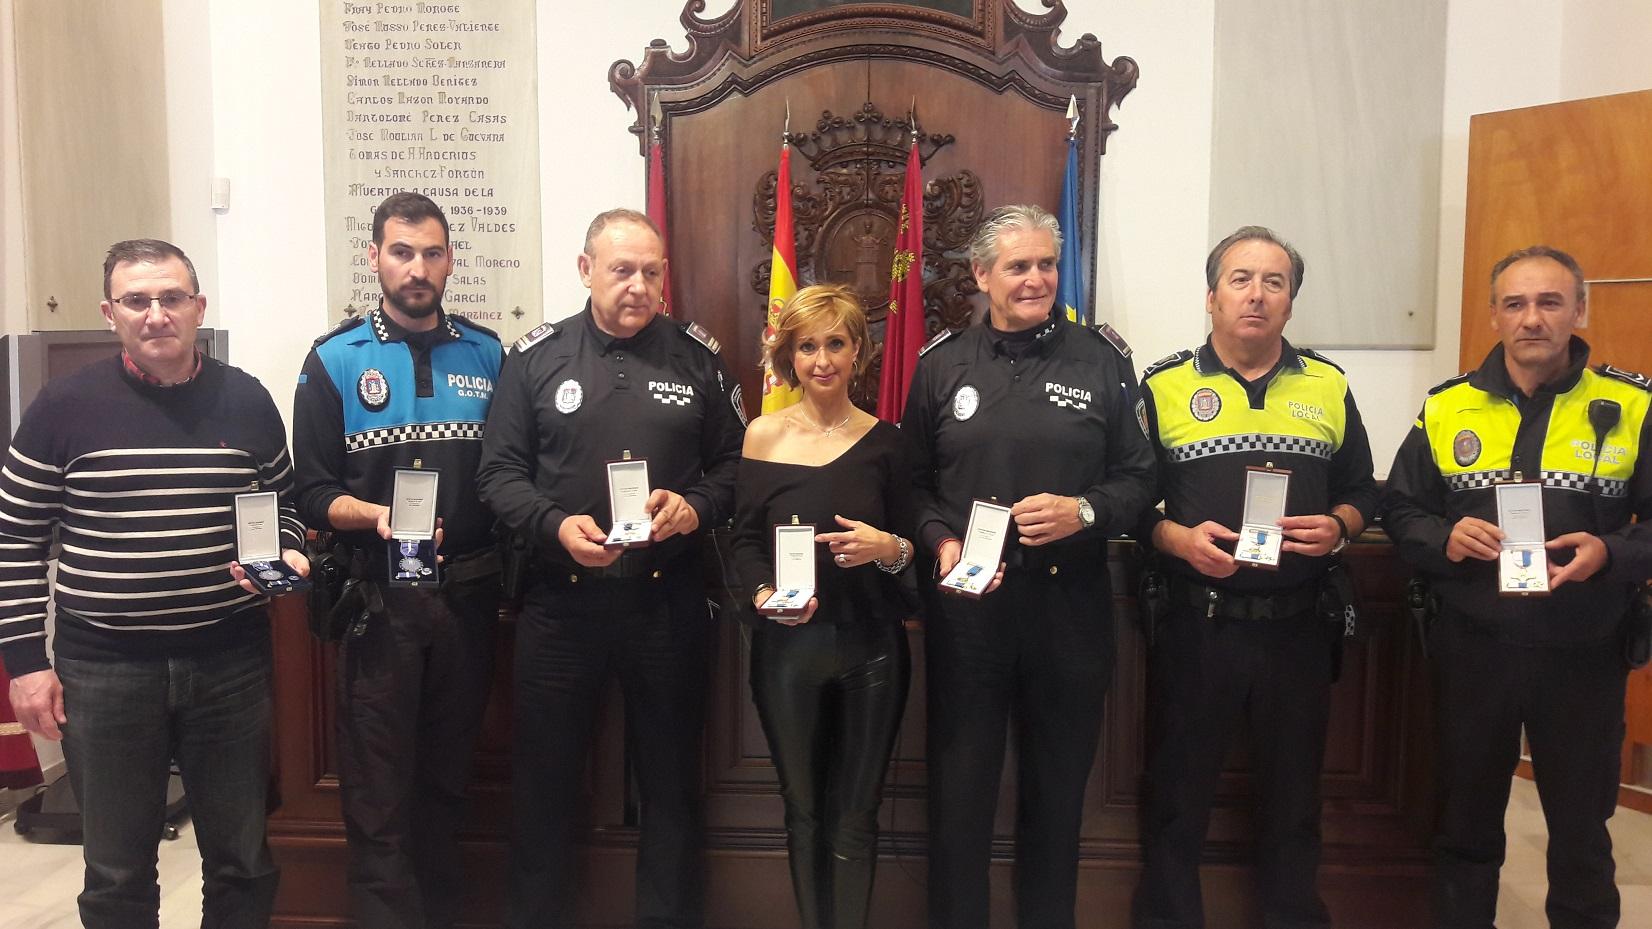 La Policía Local reconocerá la labor de los agentes por sus «servicios de trascendental importancia»